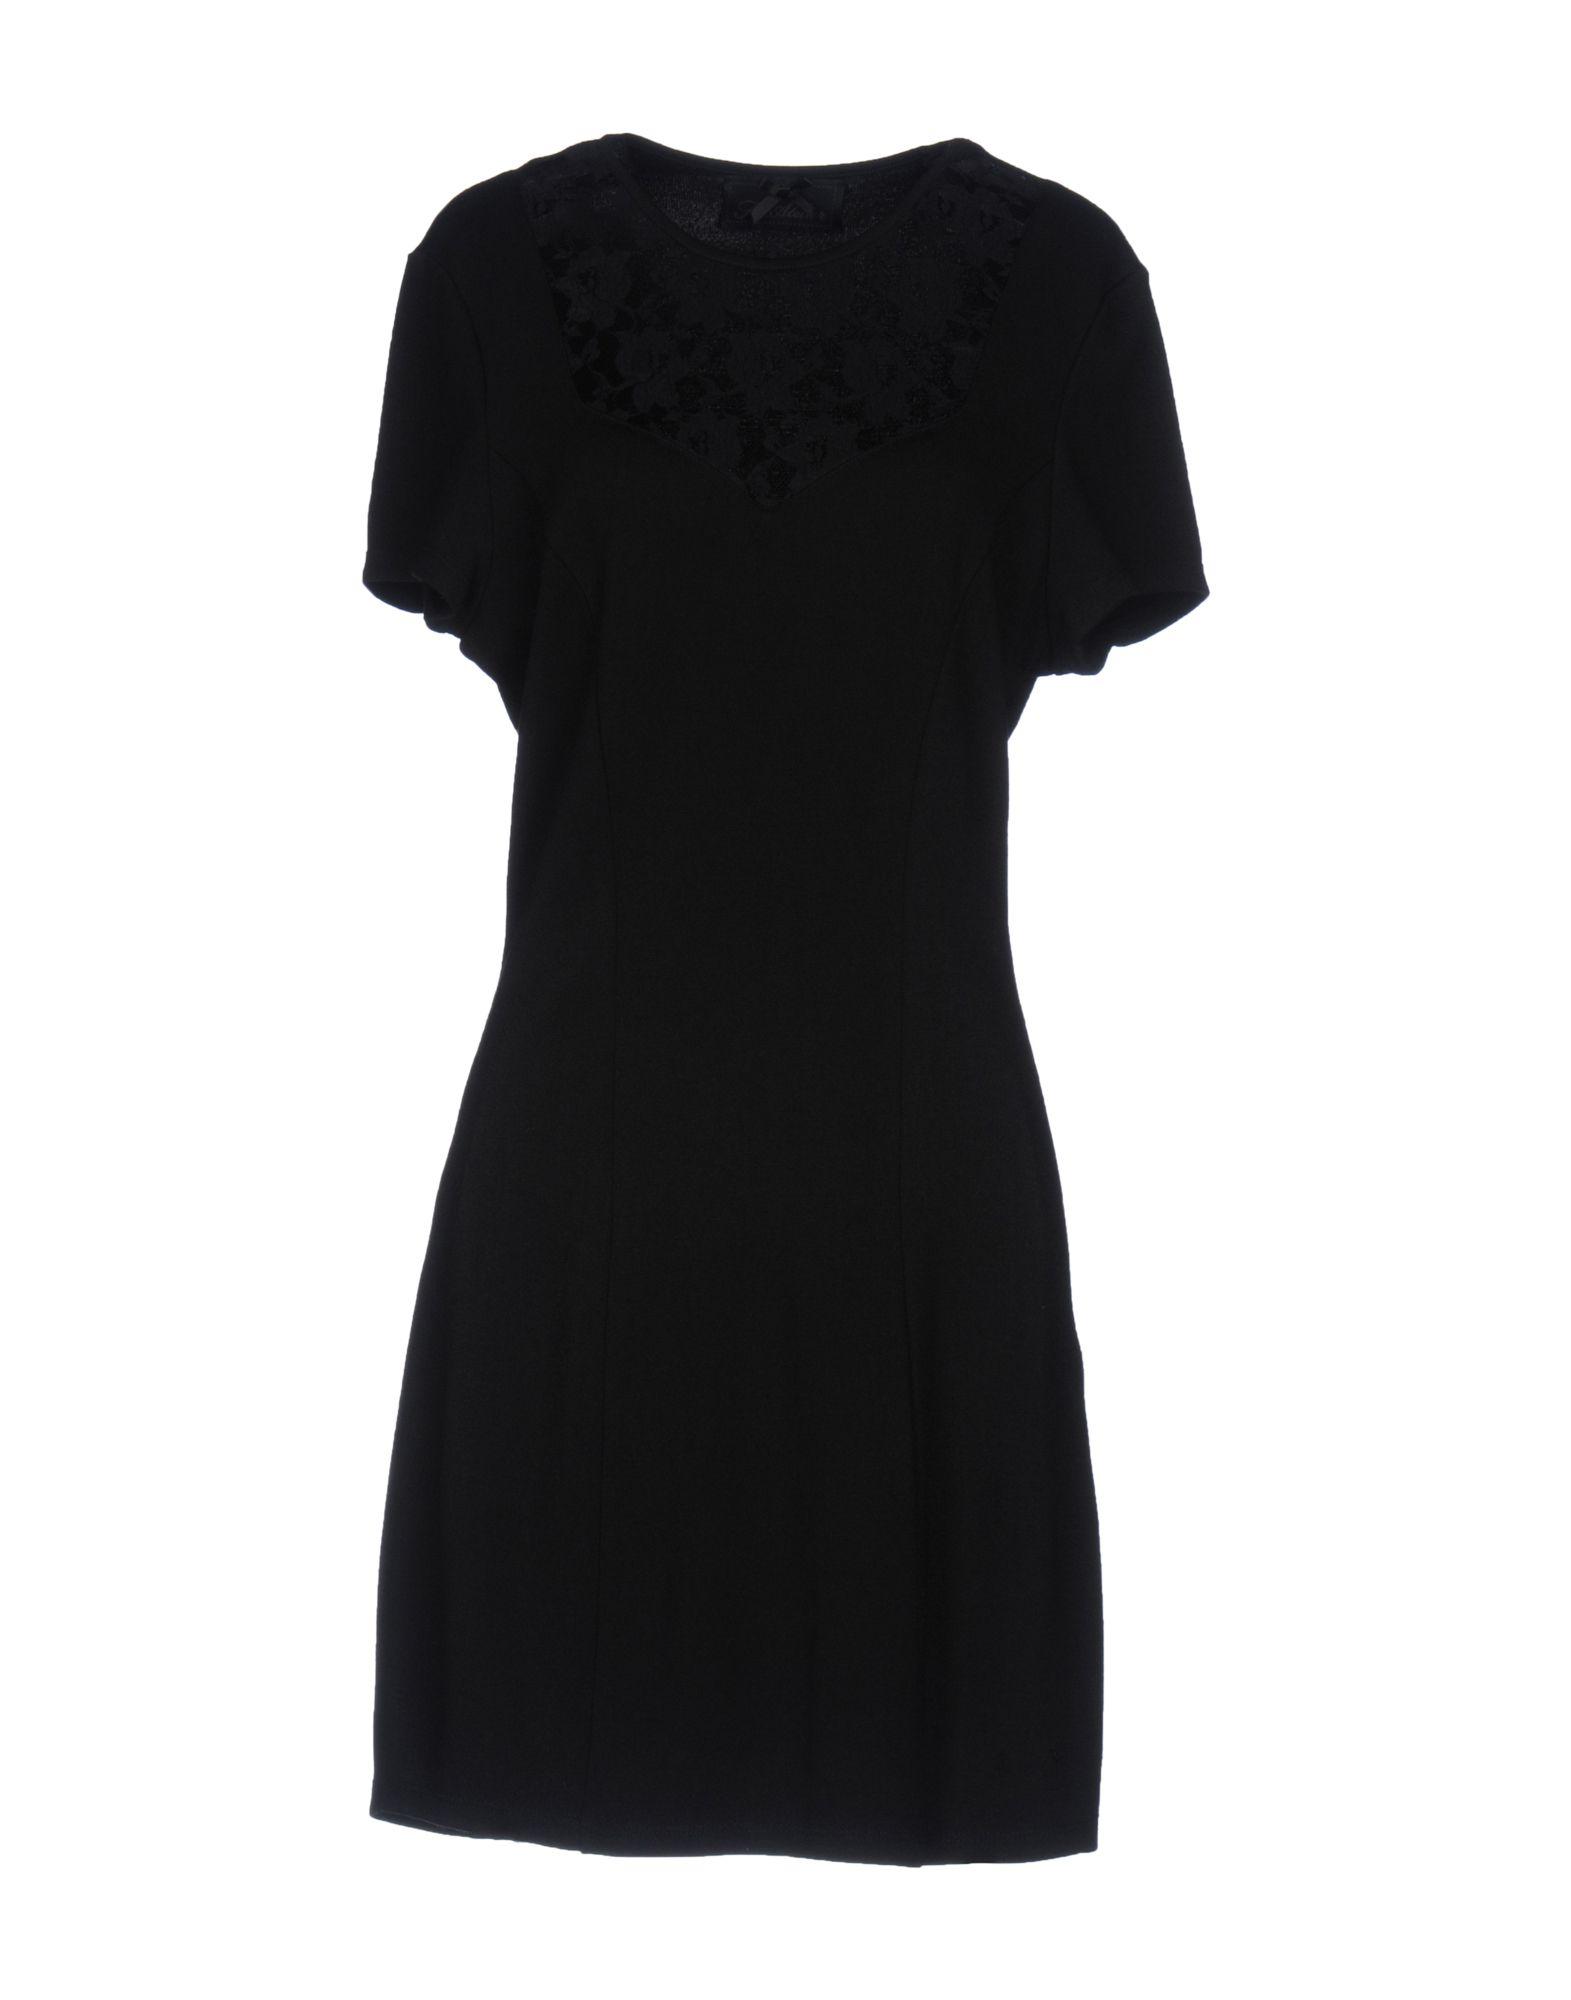 ATELIER FIXDESIGN Damen Kurzes Kleid Farbe Schwarz Größe 6